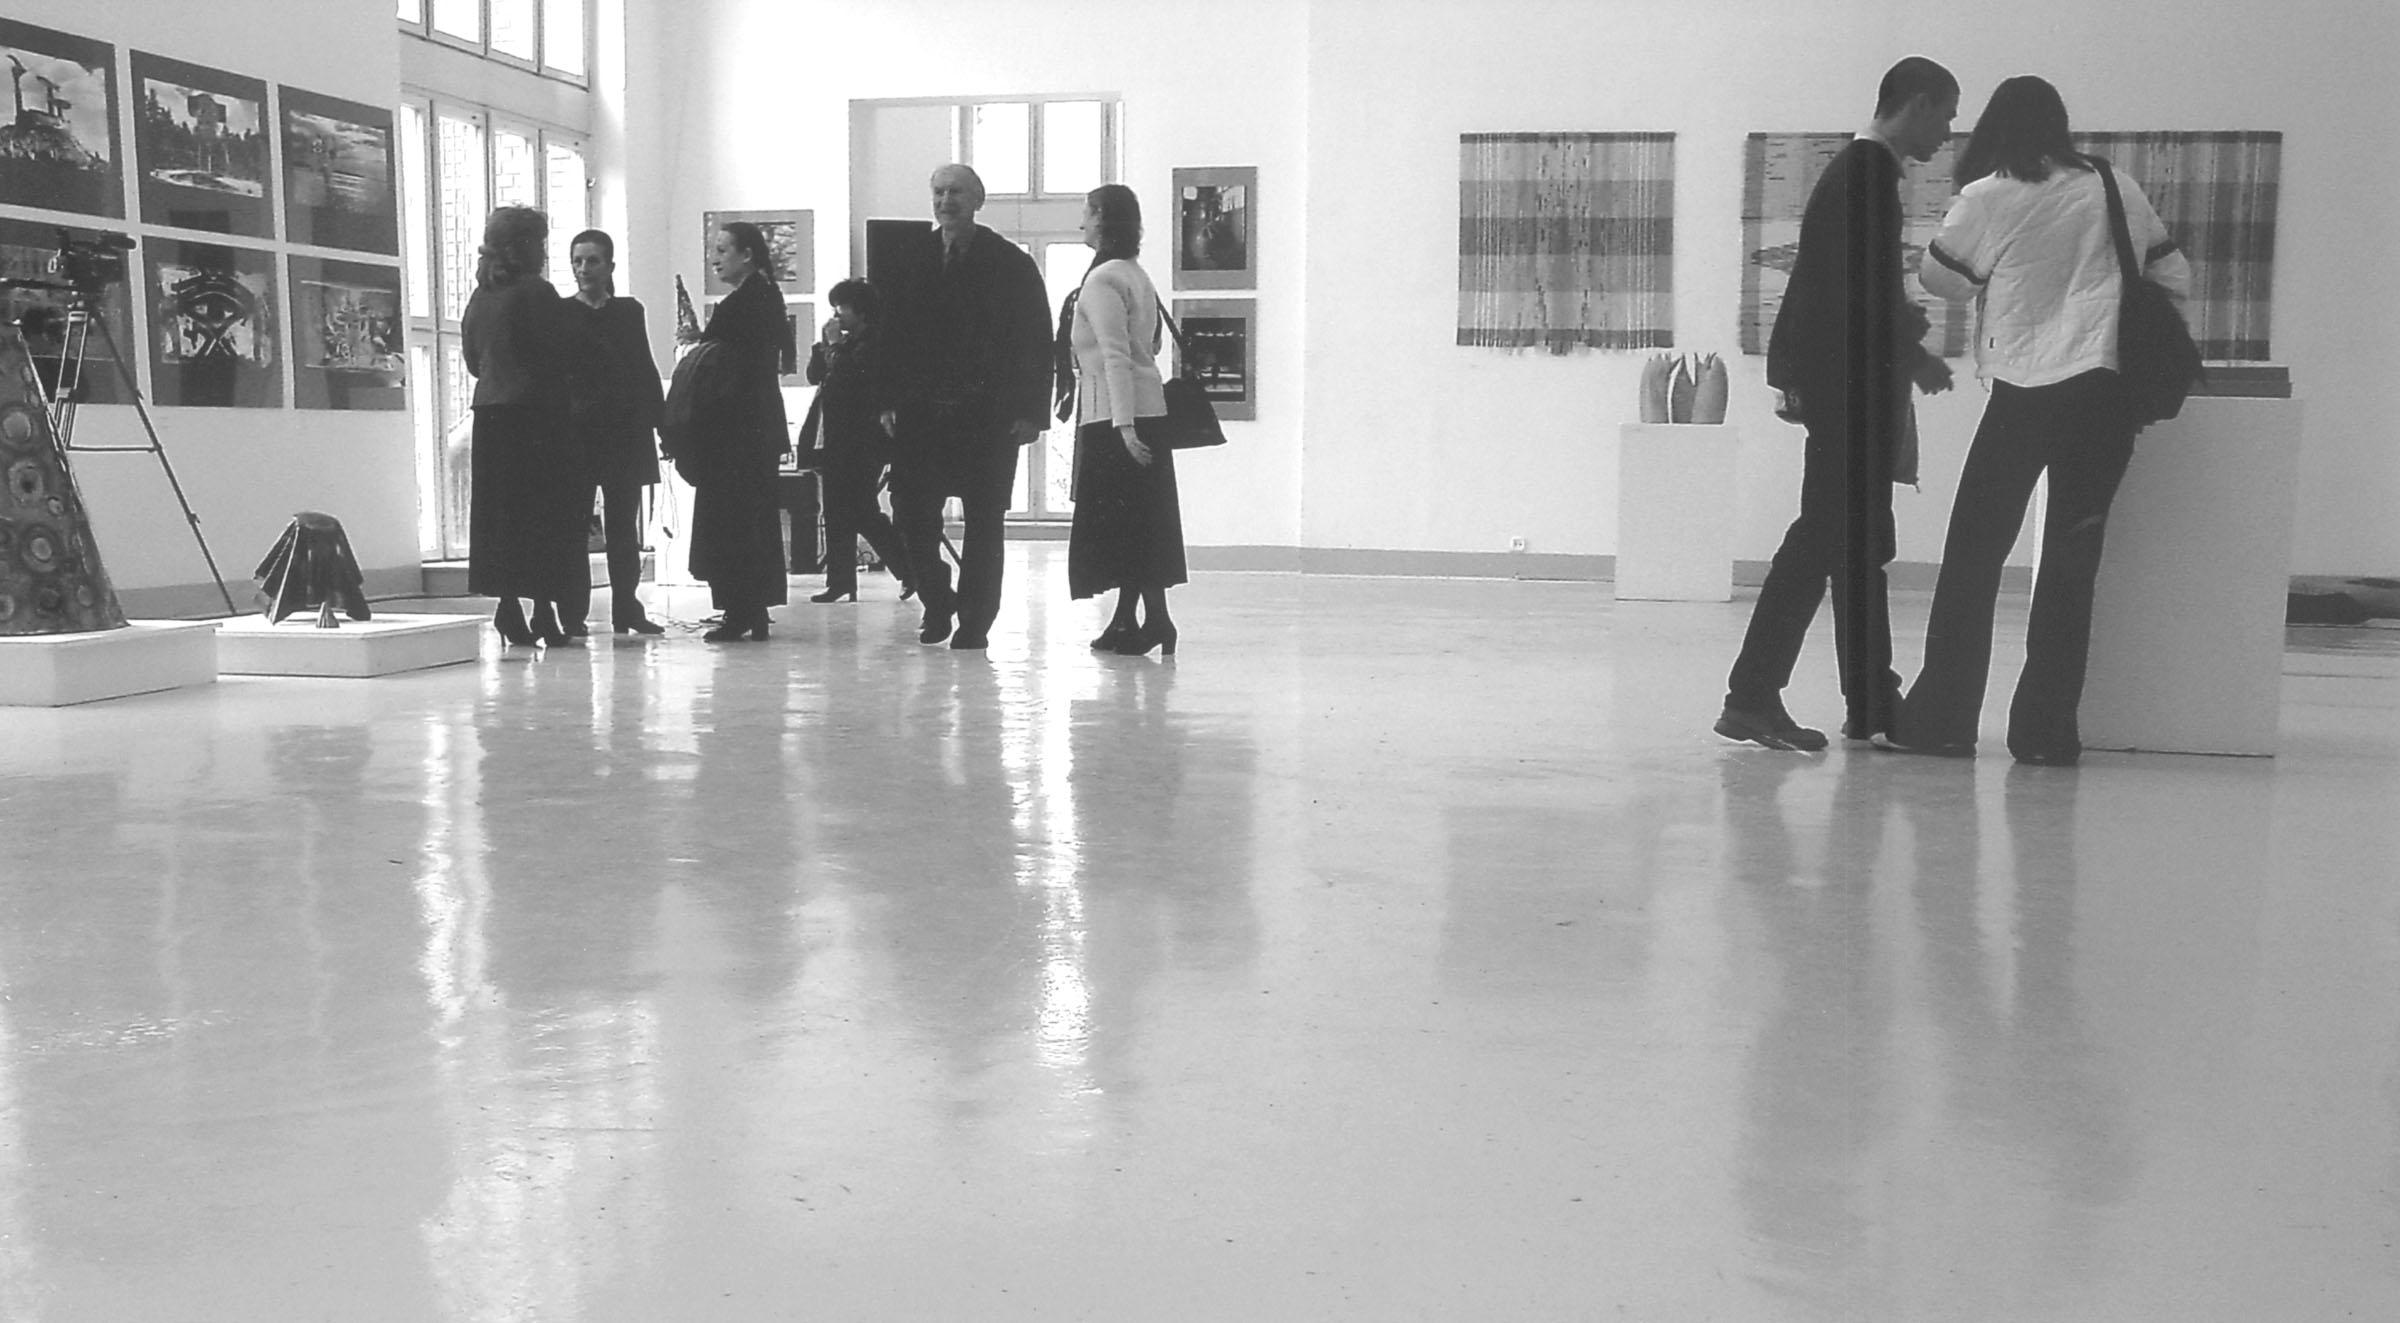 2004.09.18. Hétköznapok fotópályázat - Bojtár Tamás - Kiállításon.jpg